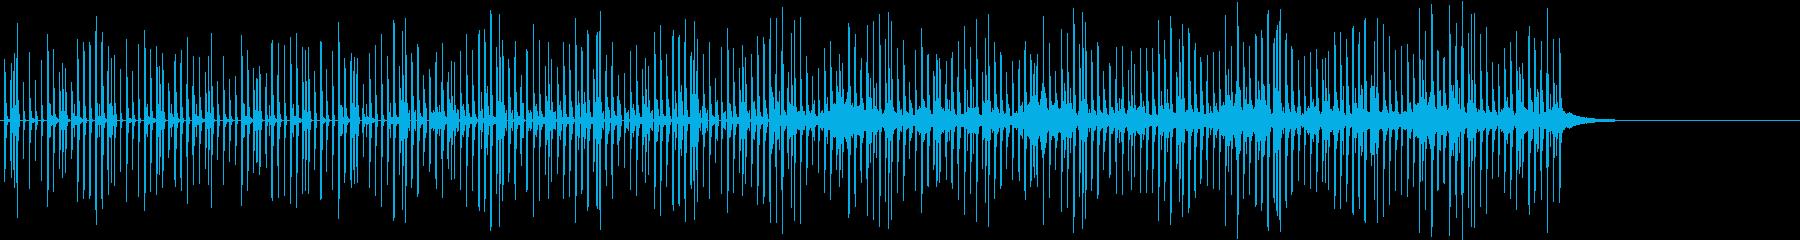 ルンバ コミカル 不思議 クイズ 忙しいの再生済みの波形